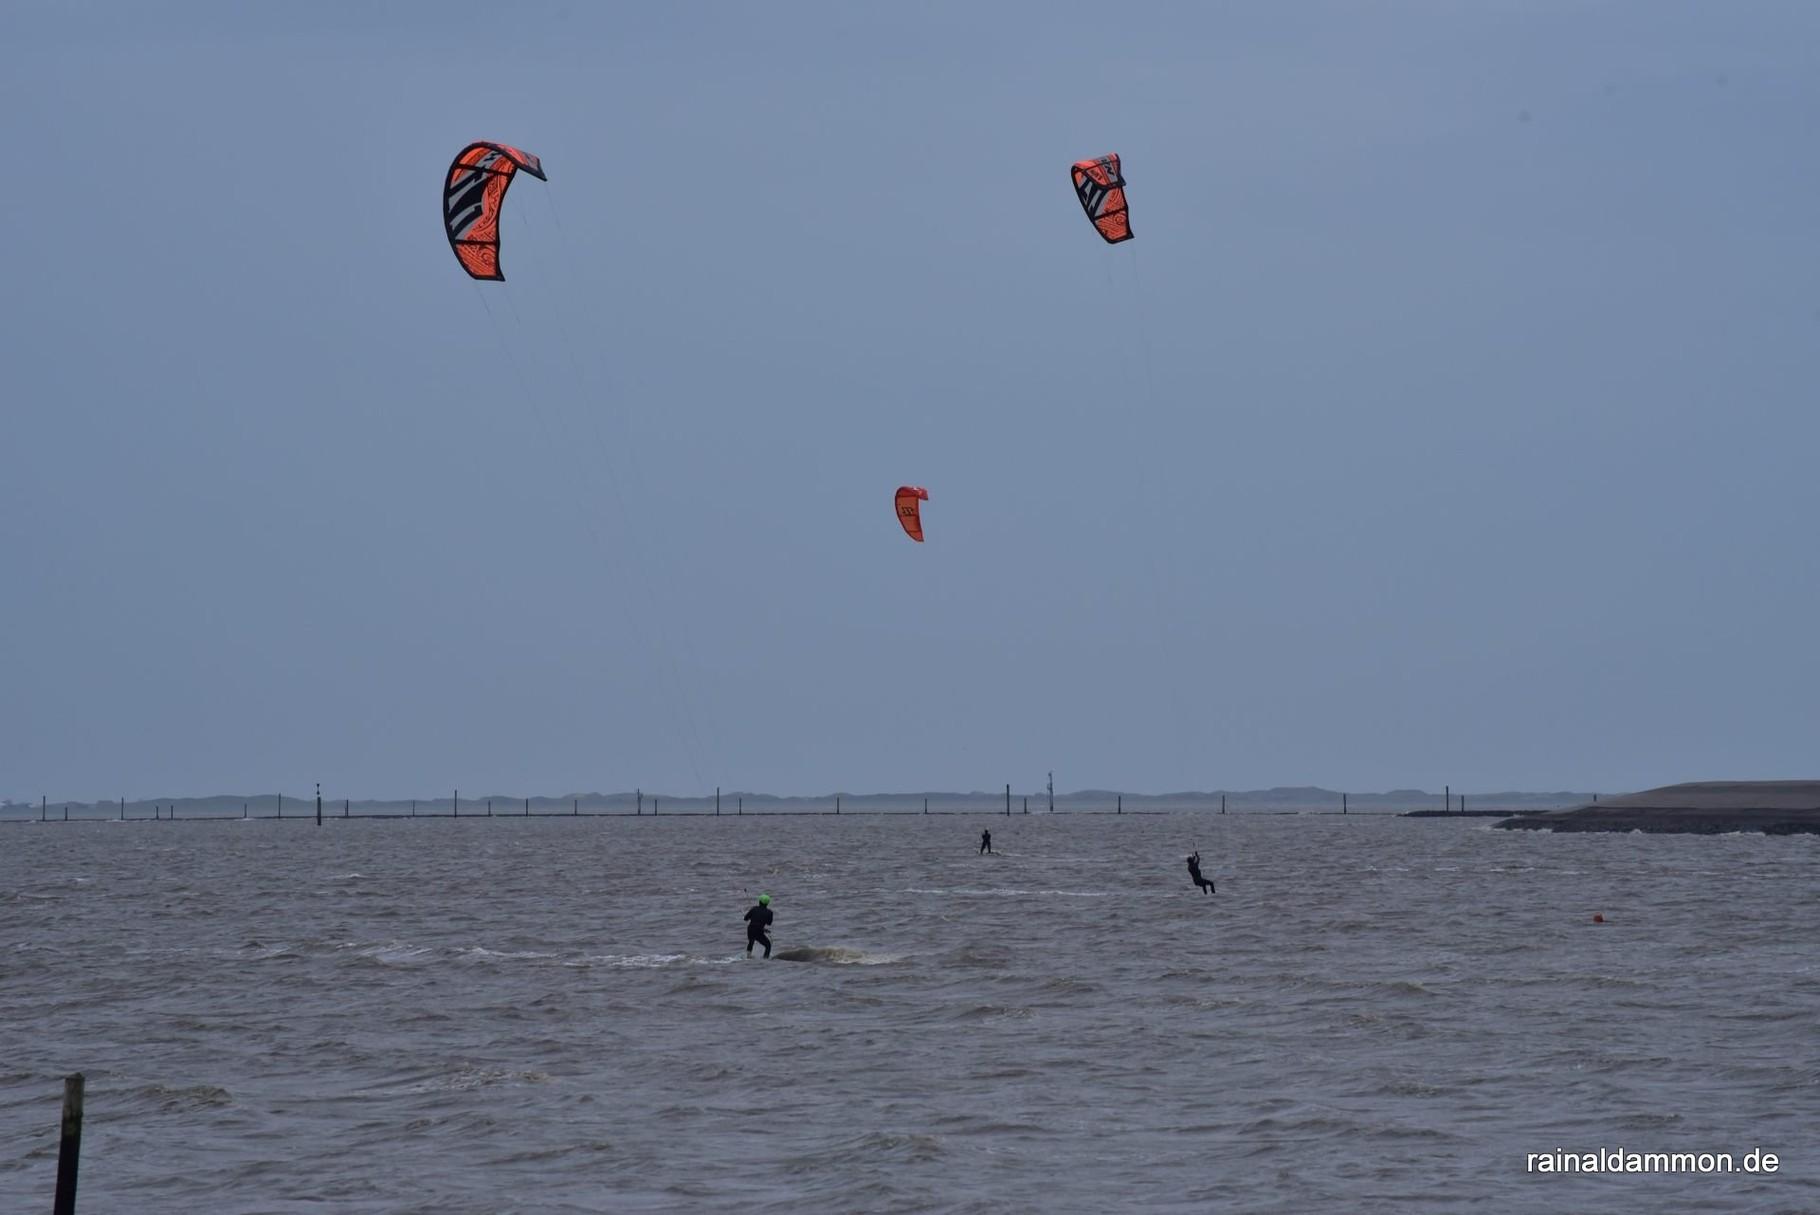 Kiter im stürmischen Wasser